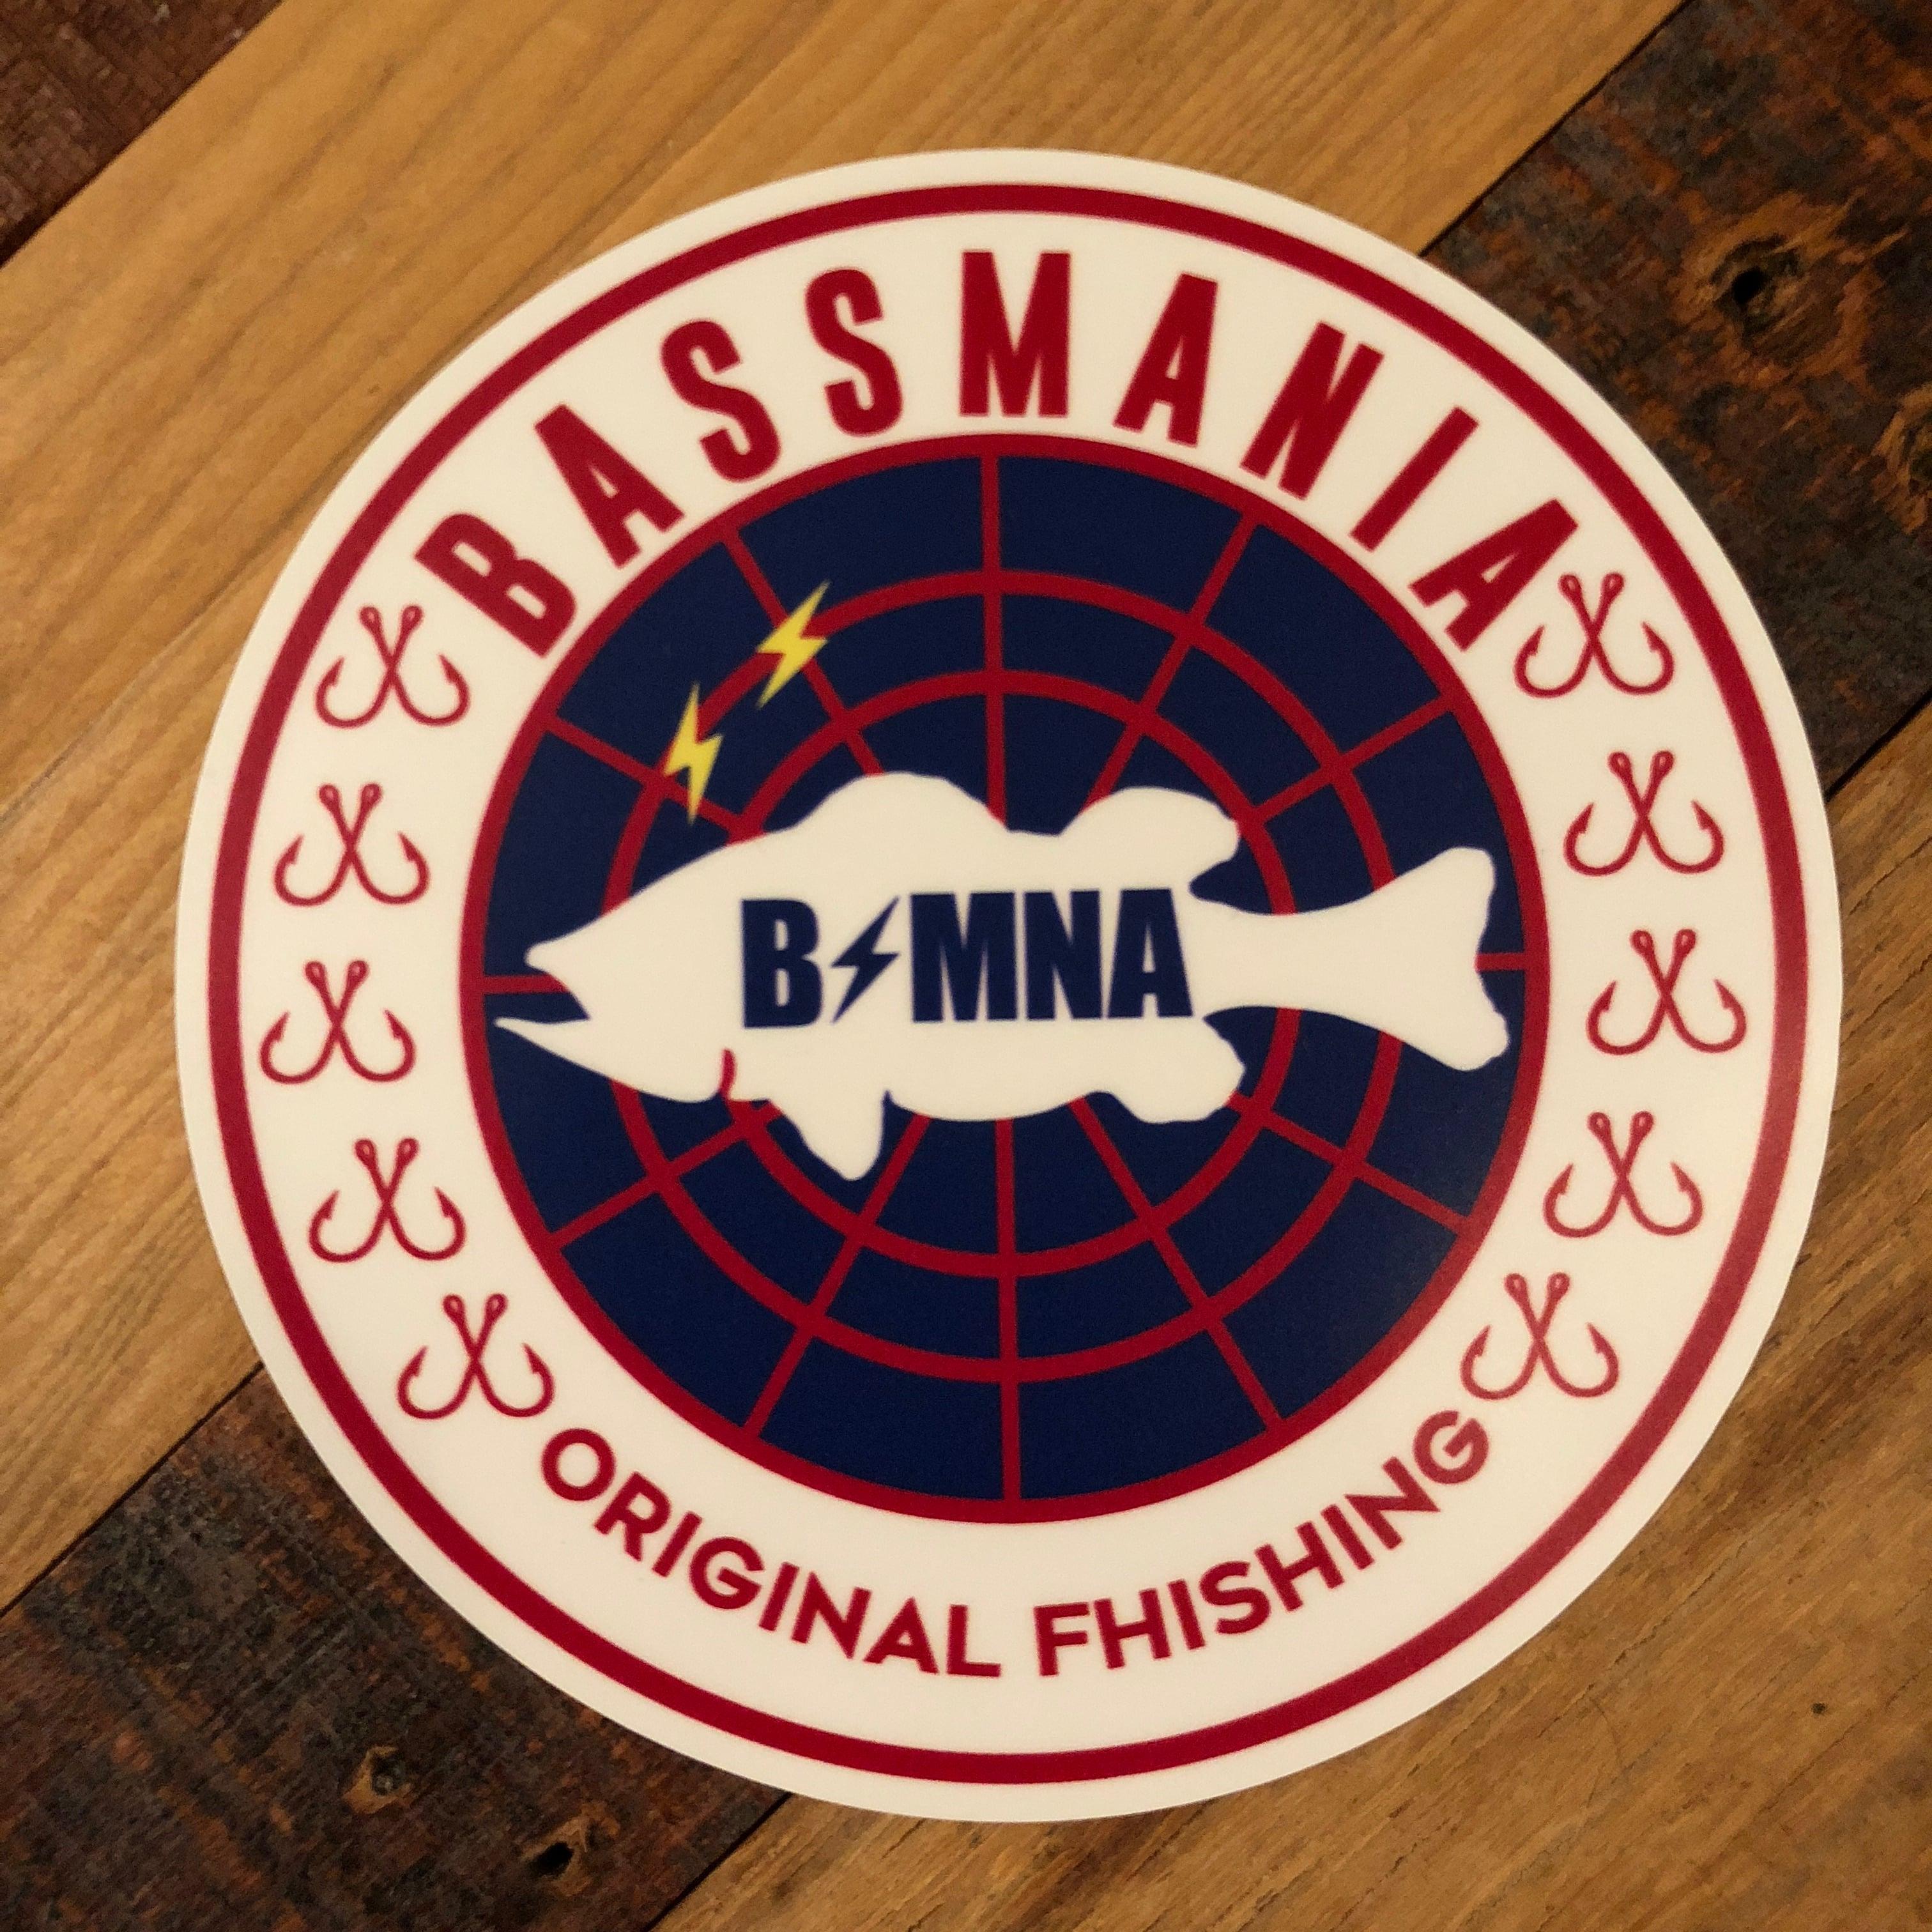 bassmania net in bass sticker